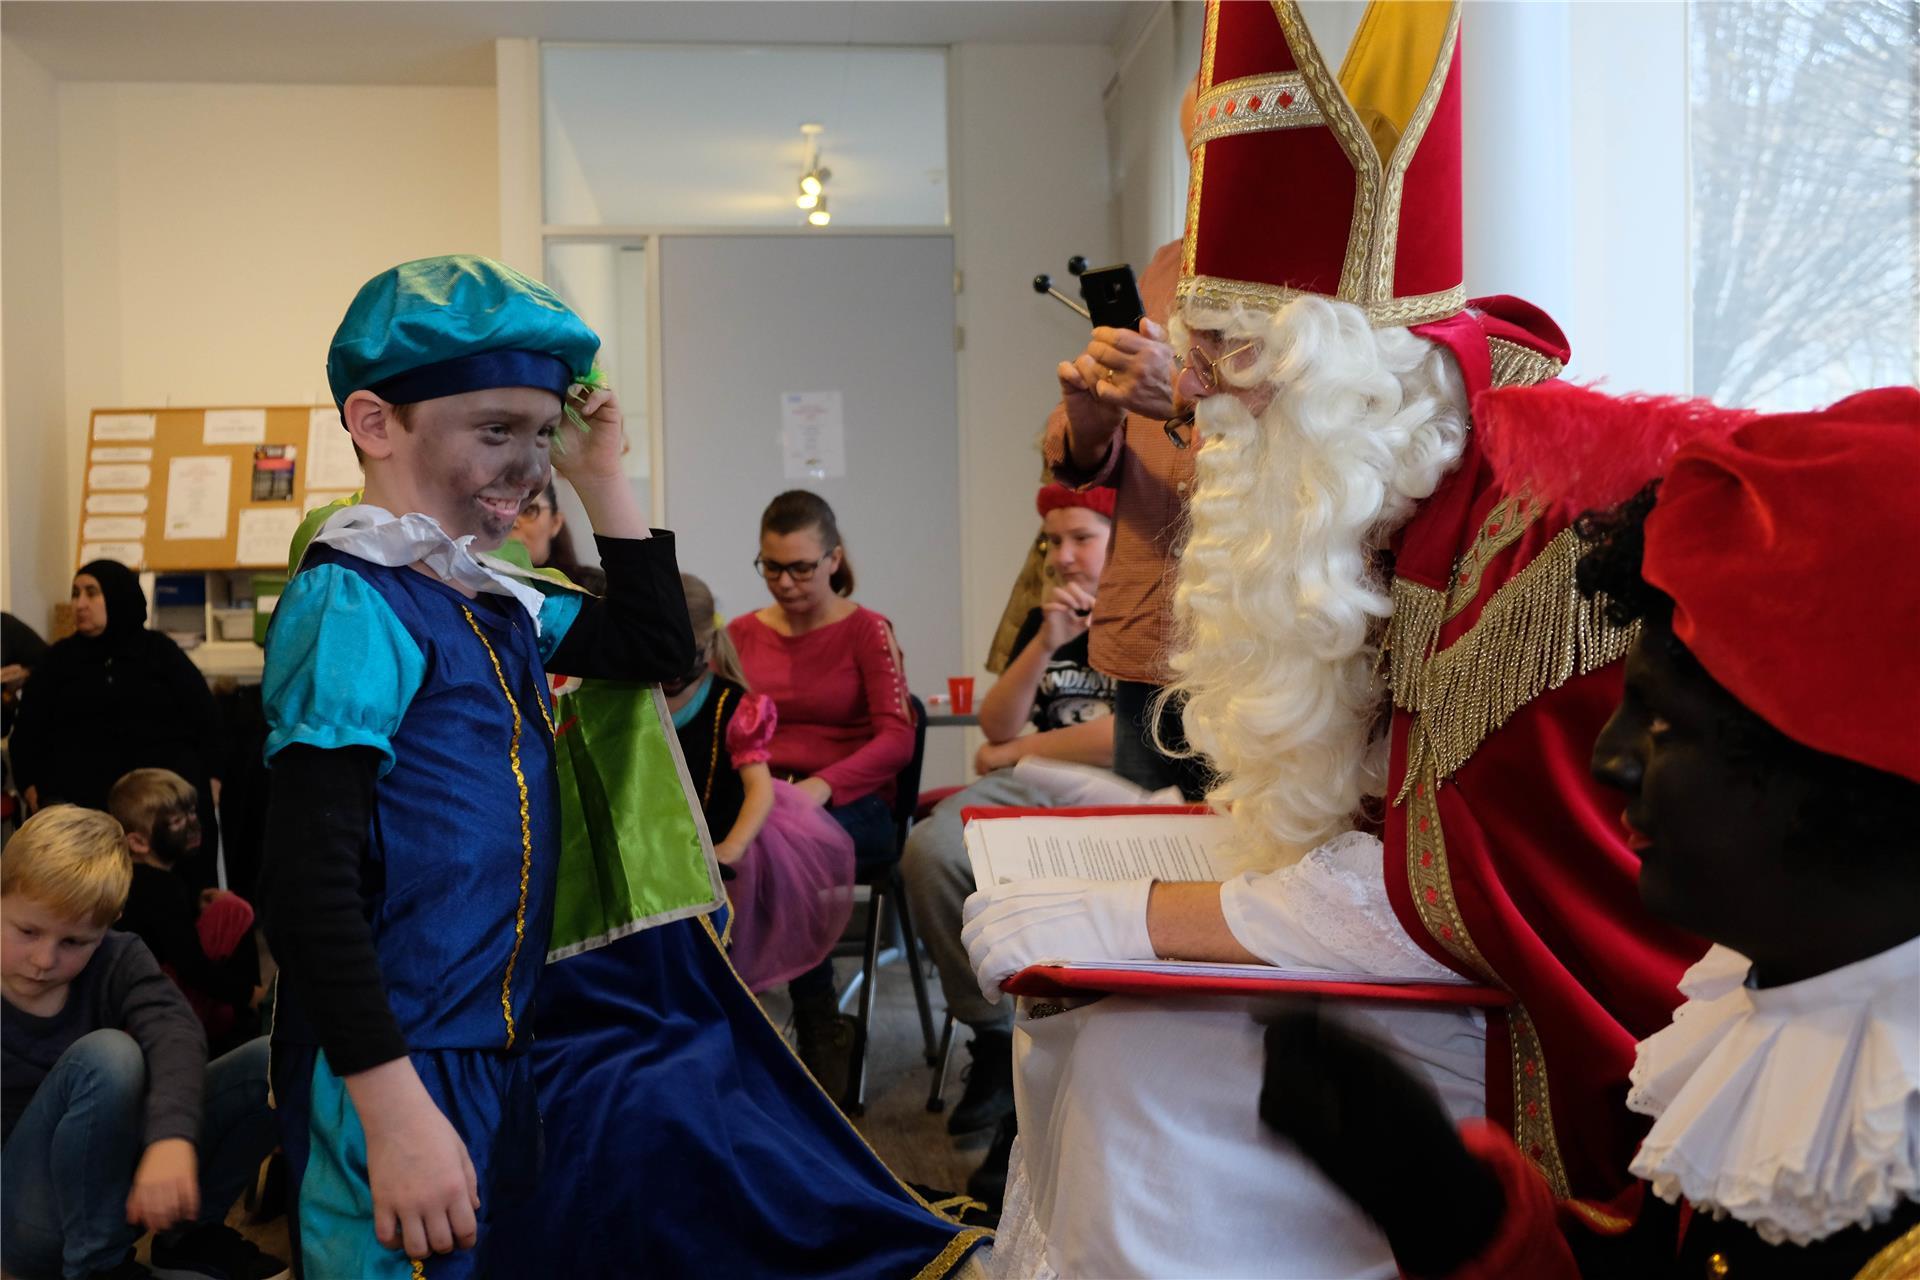 Sinterklaas-3850 - kopie (2) - kopie.jpg